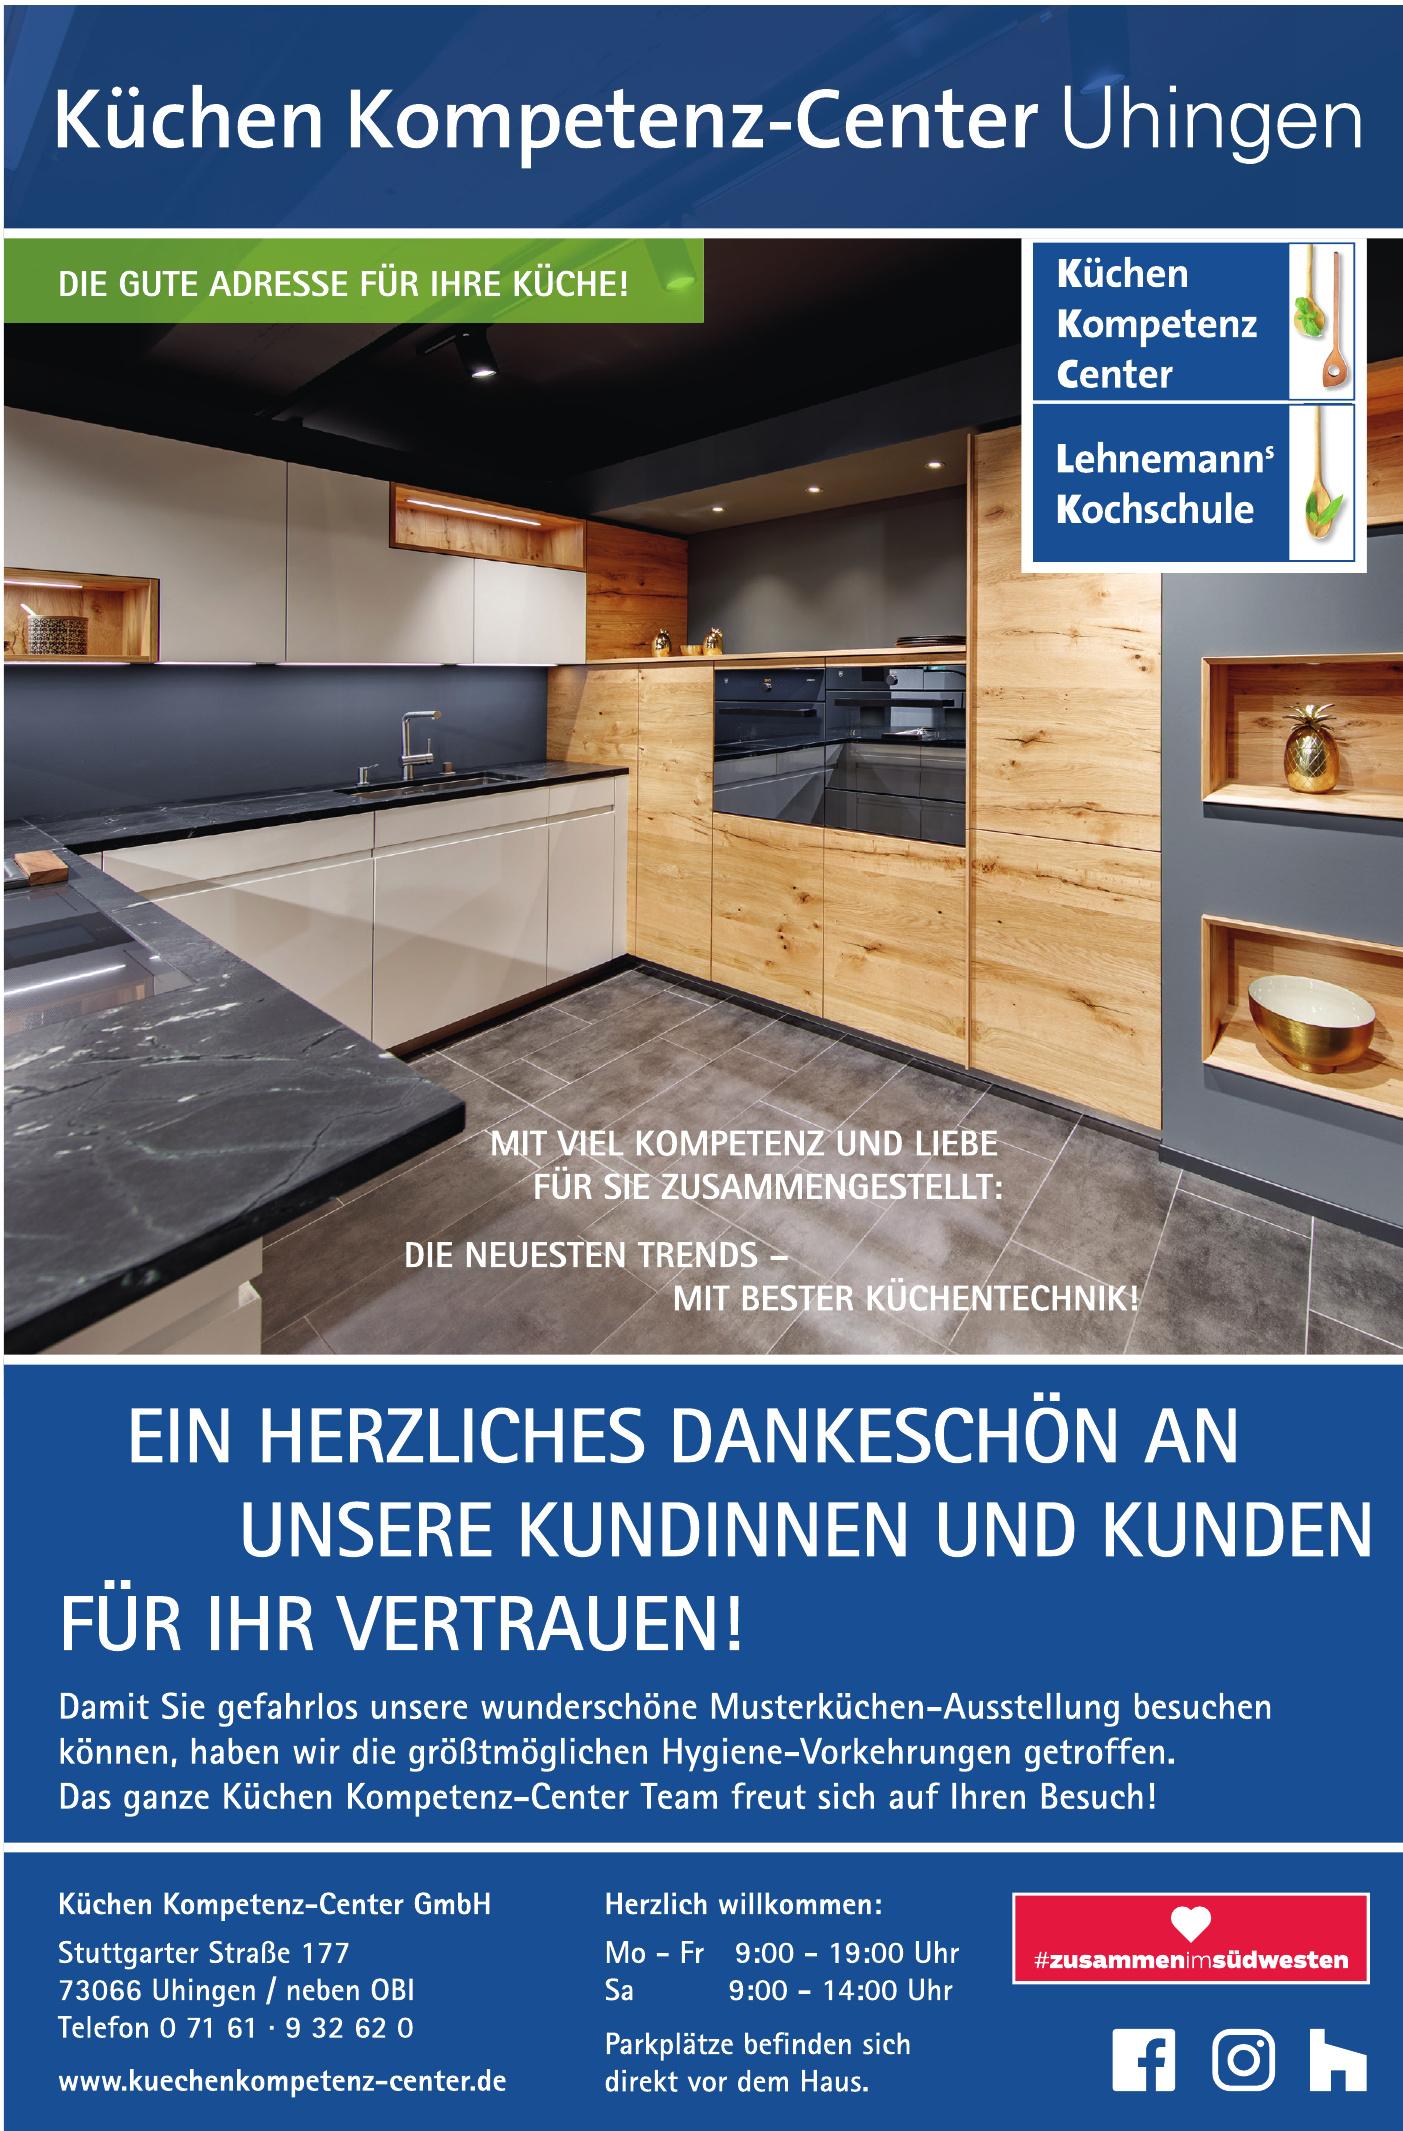 Küchen Kompetenz-Center GmbH